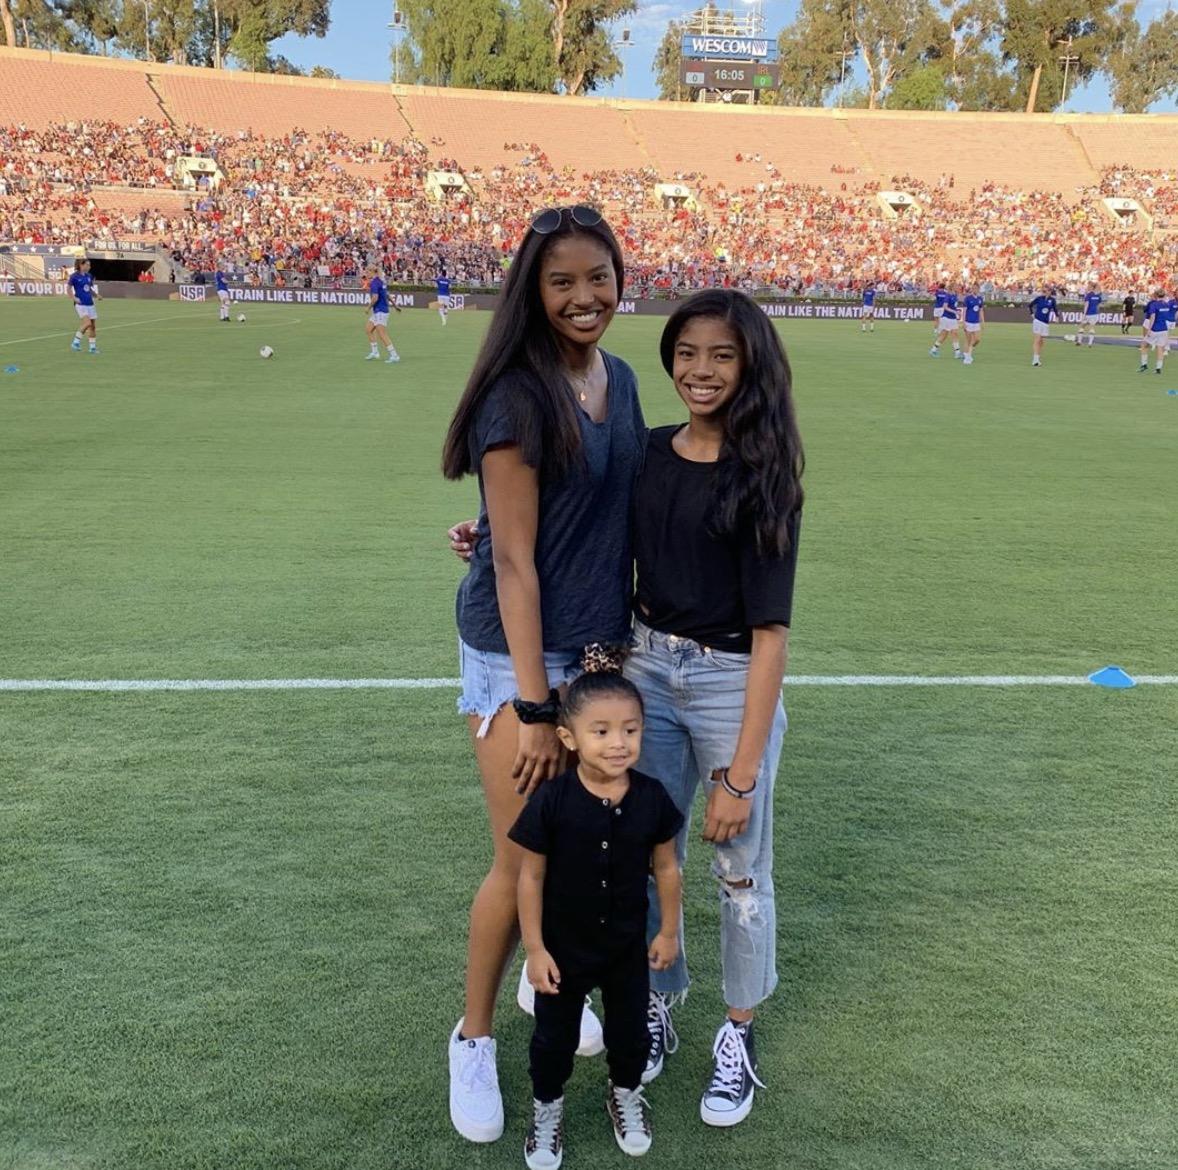 科比ins晒三个女儿现场观看足球比赛的照片